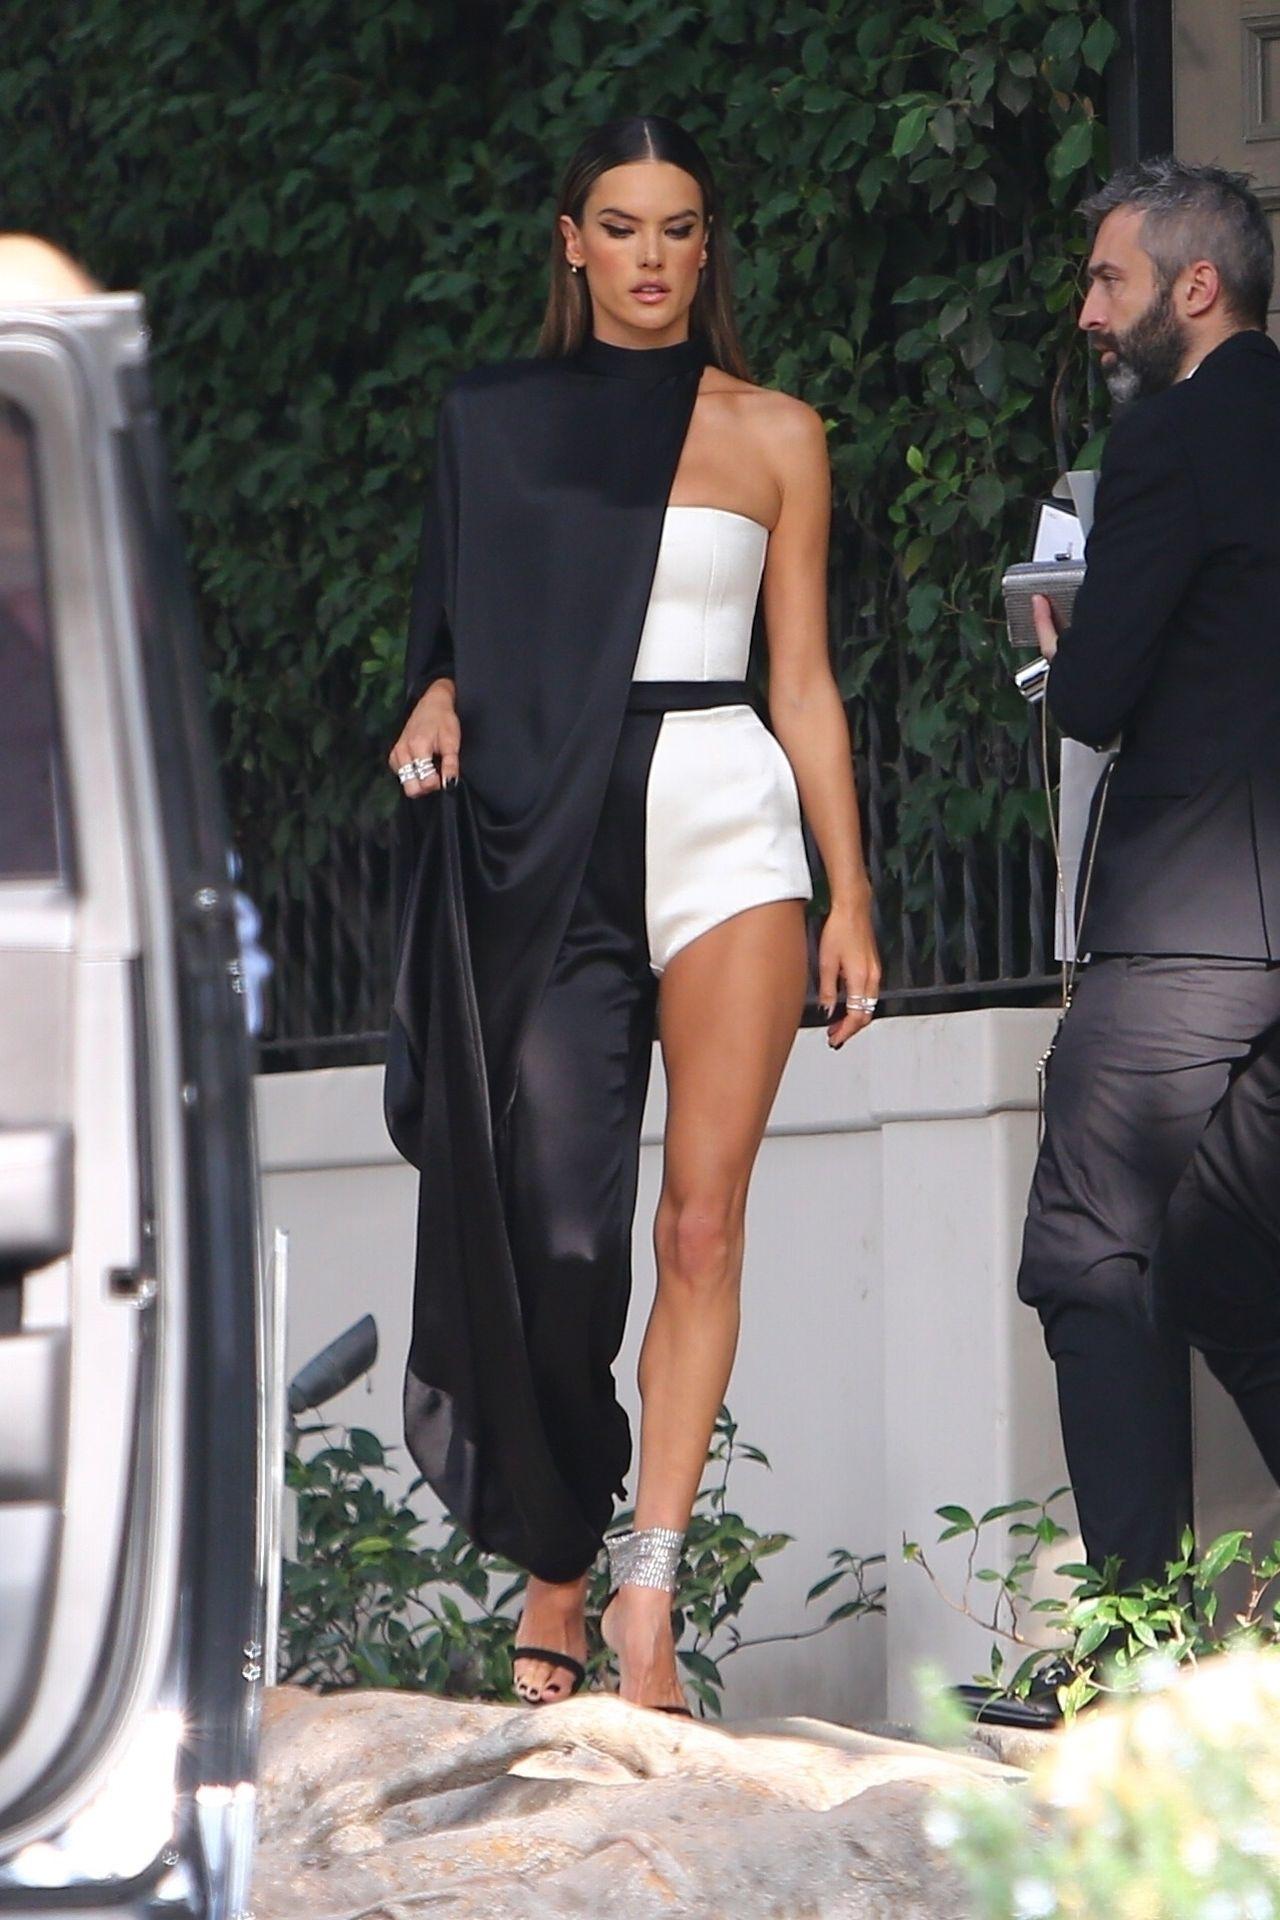 Alessandra Ambrosio Looks Stunning Ahead Of The Grammys 0005